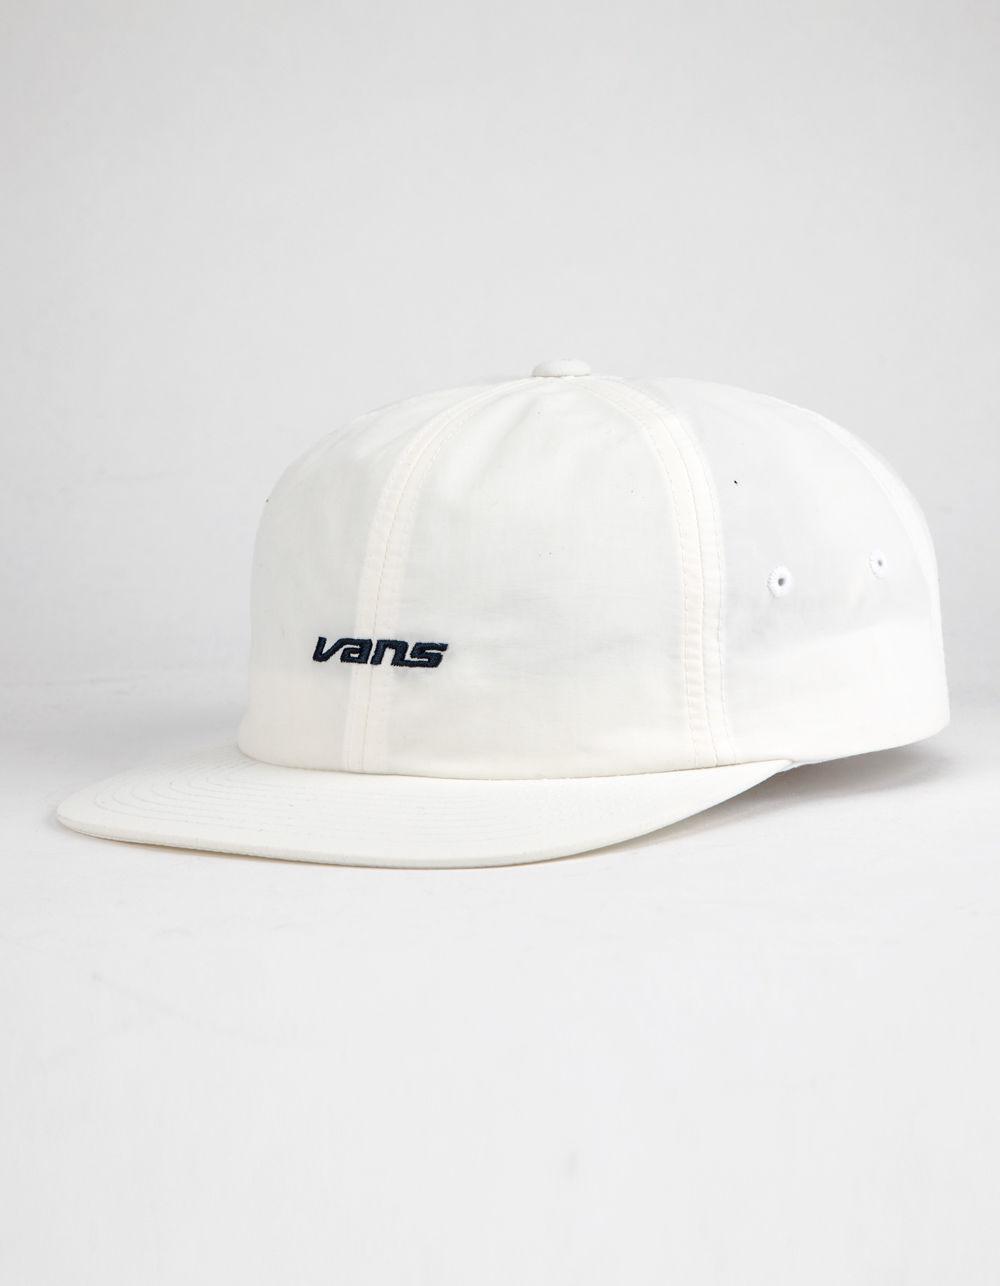 a881ec39 Lyst - Vans Norvell Jockey White Mens Hat in White for Men